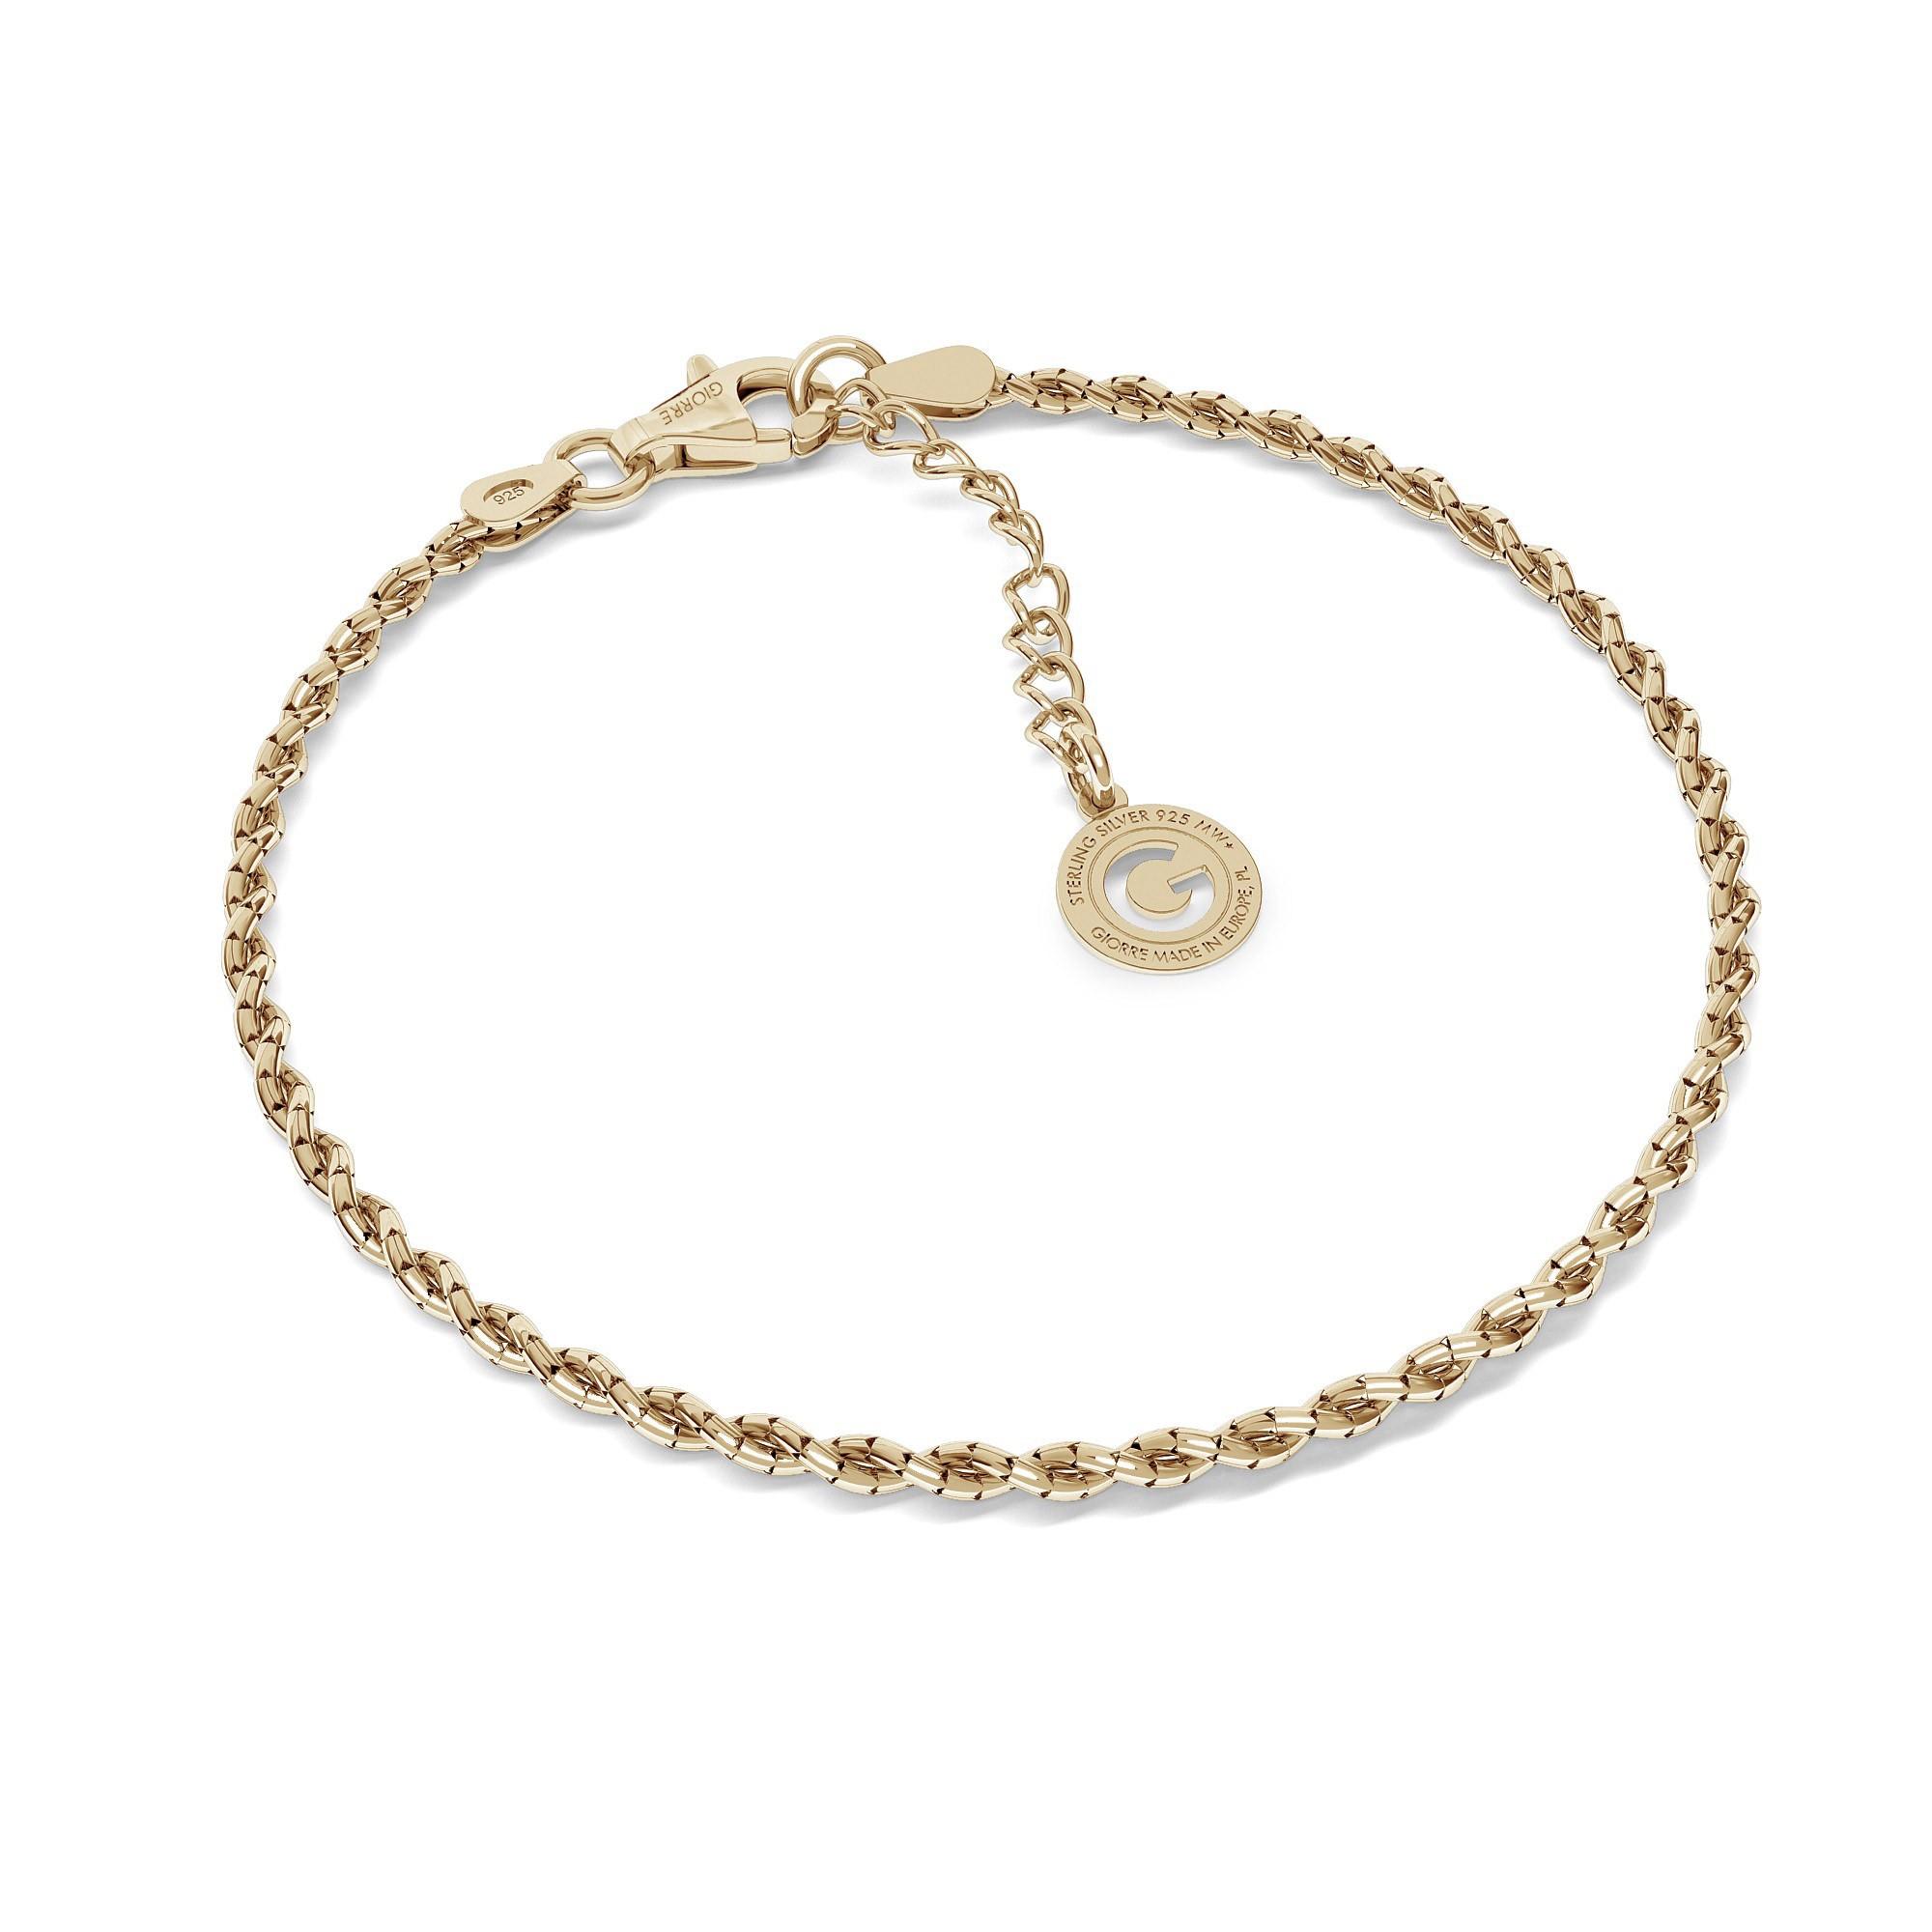 Srebrna bransoletka pleciona z 2 łańcuszków, srebro 925